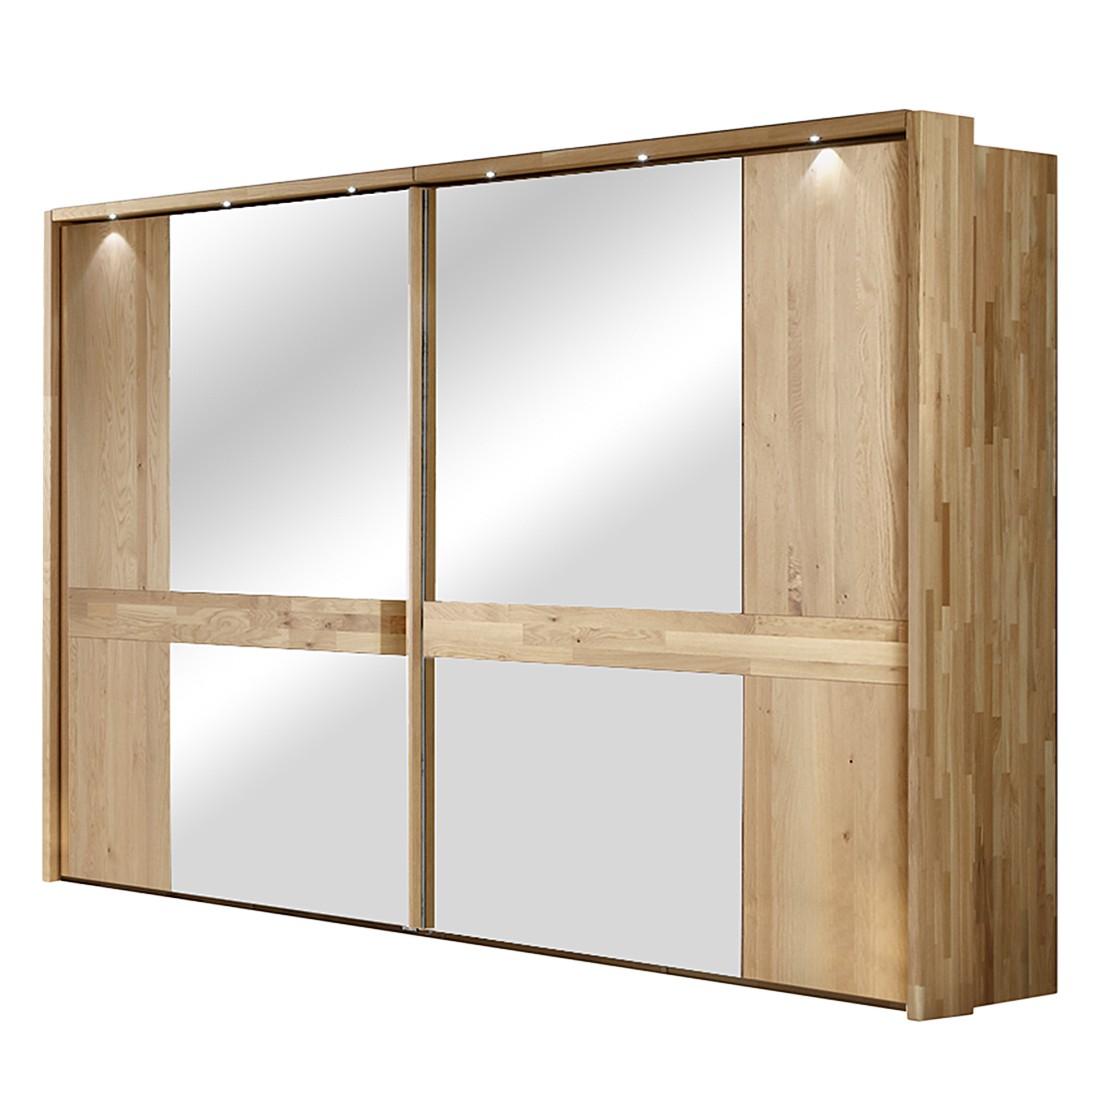 Schwebetürenschrank Operra – Eiche Massivholz – Mit Spiegel (Ausführung: 300 cm – mit Passepartoutrahmen & Beleuchtung)